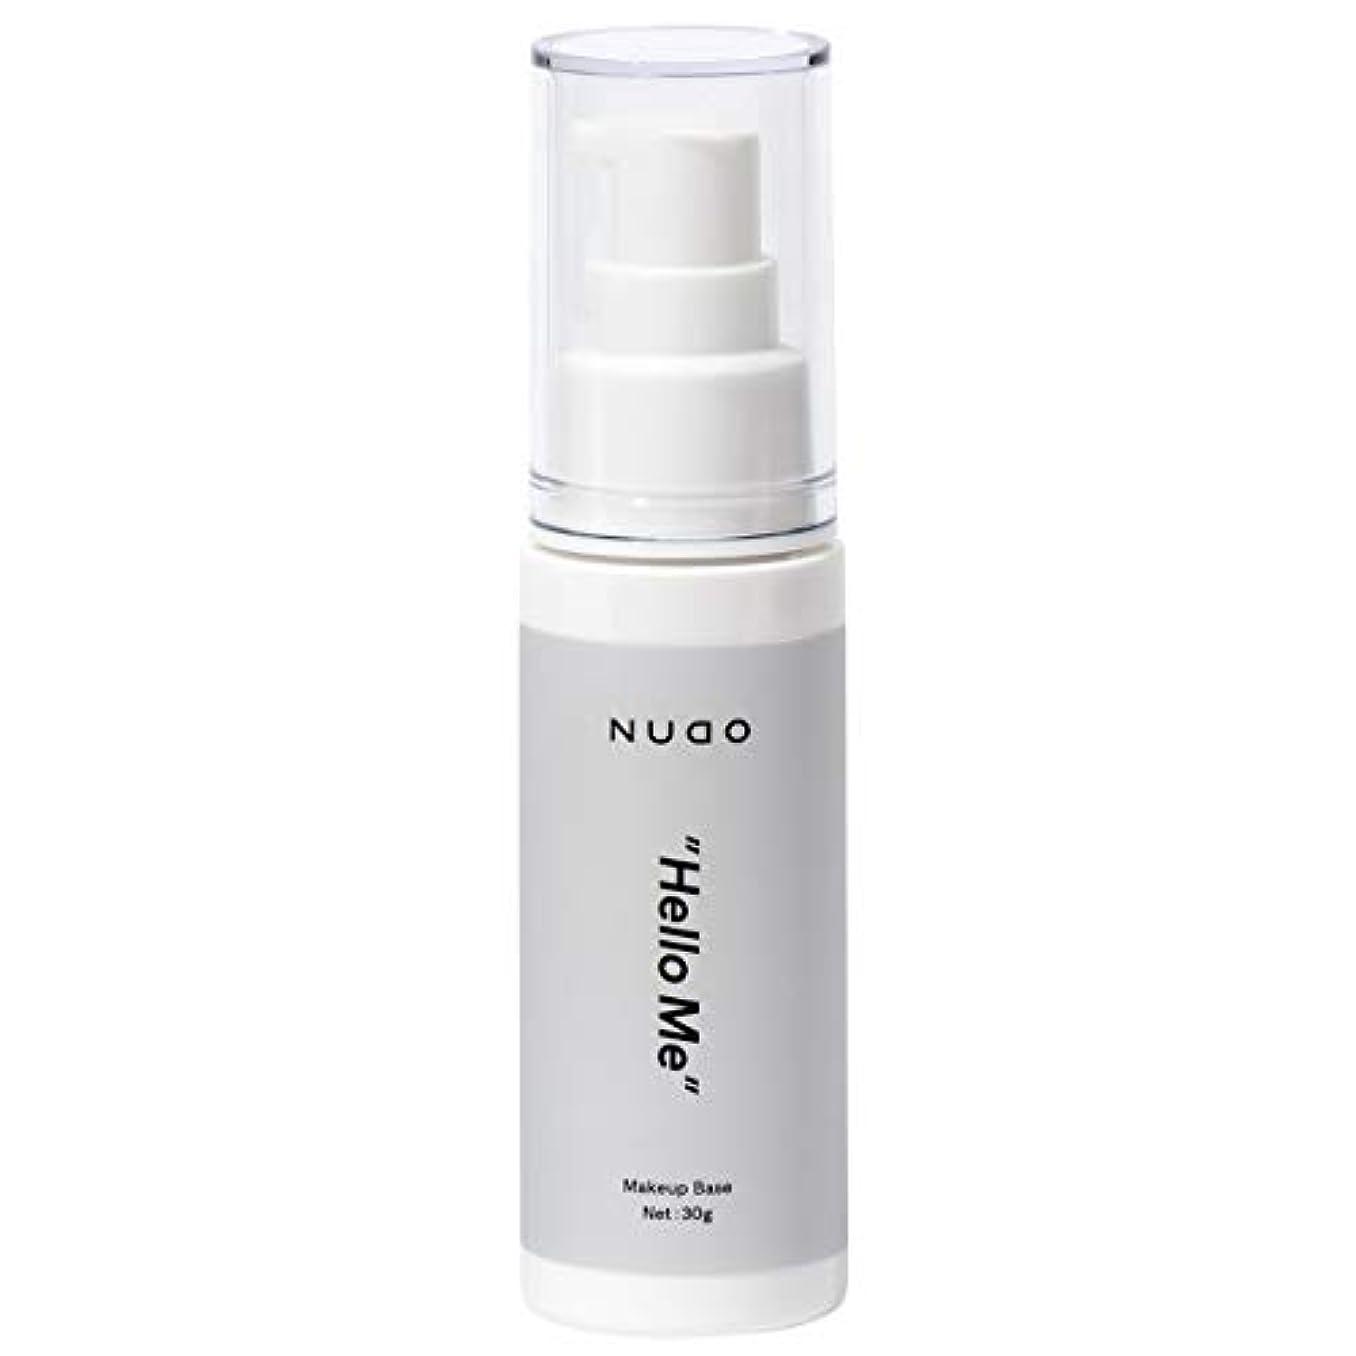 NUDO (ヌード) モイストベースクリーム BBクリーム コンシーラー ファンデーション メンズ メンズコスメ|毛穴/ニキビ跡/クマ/青ひげ/シミ を保湿しながら自然にカバー 30g